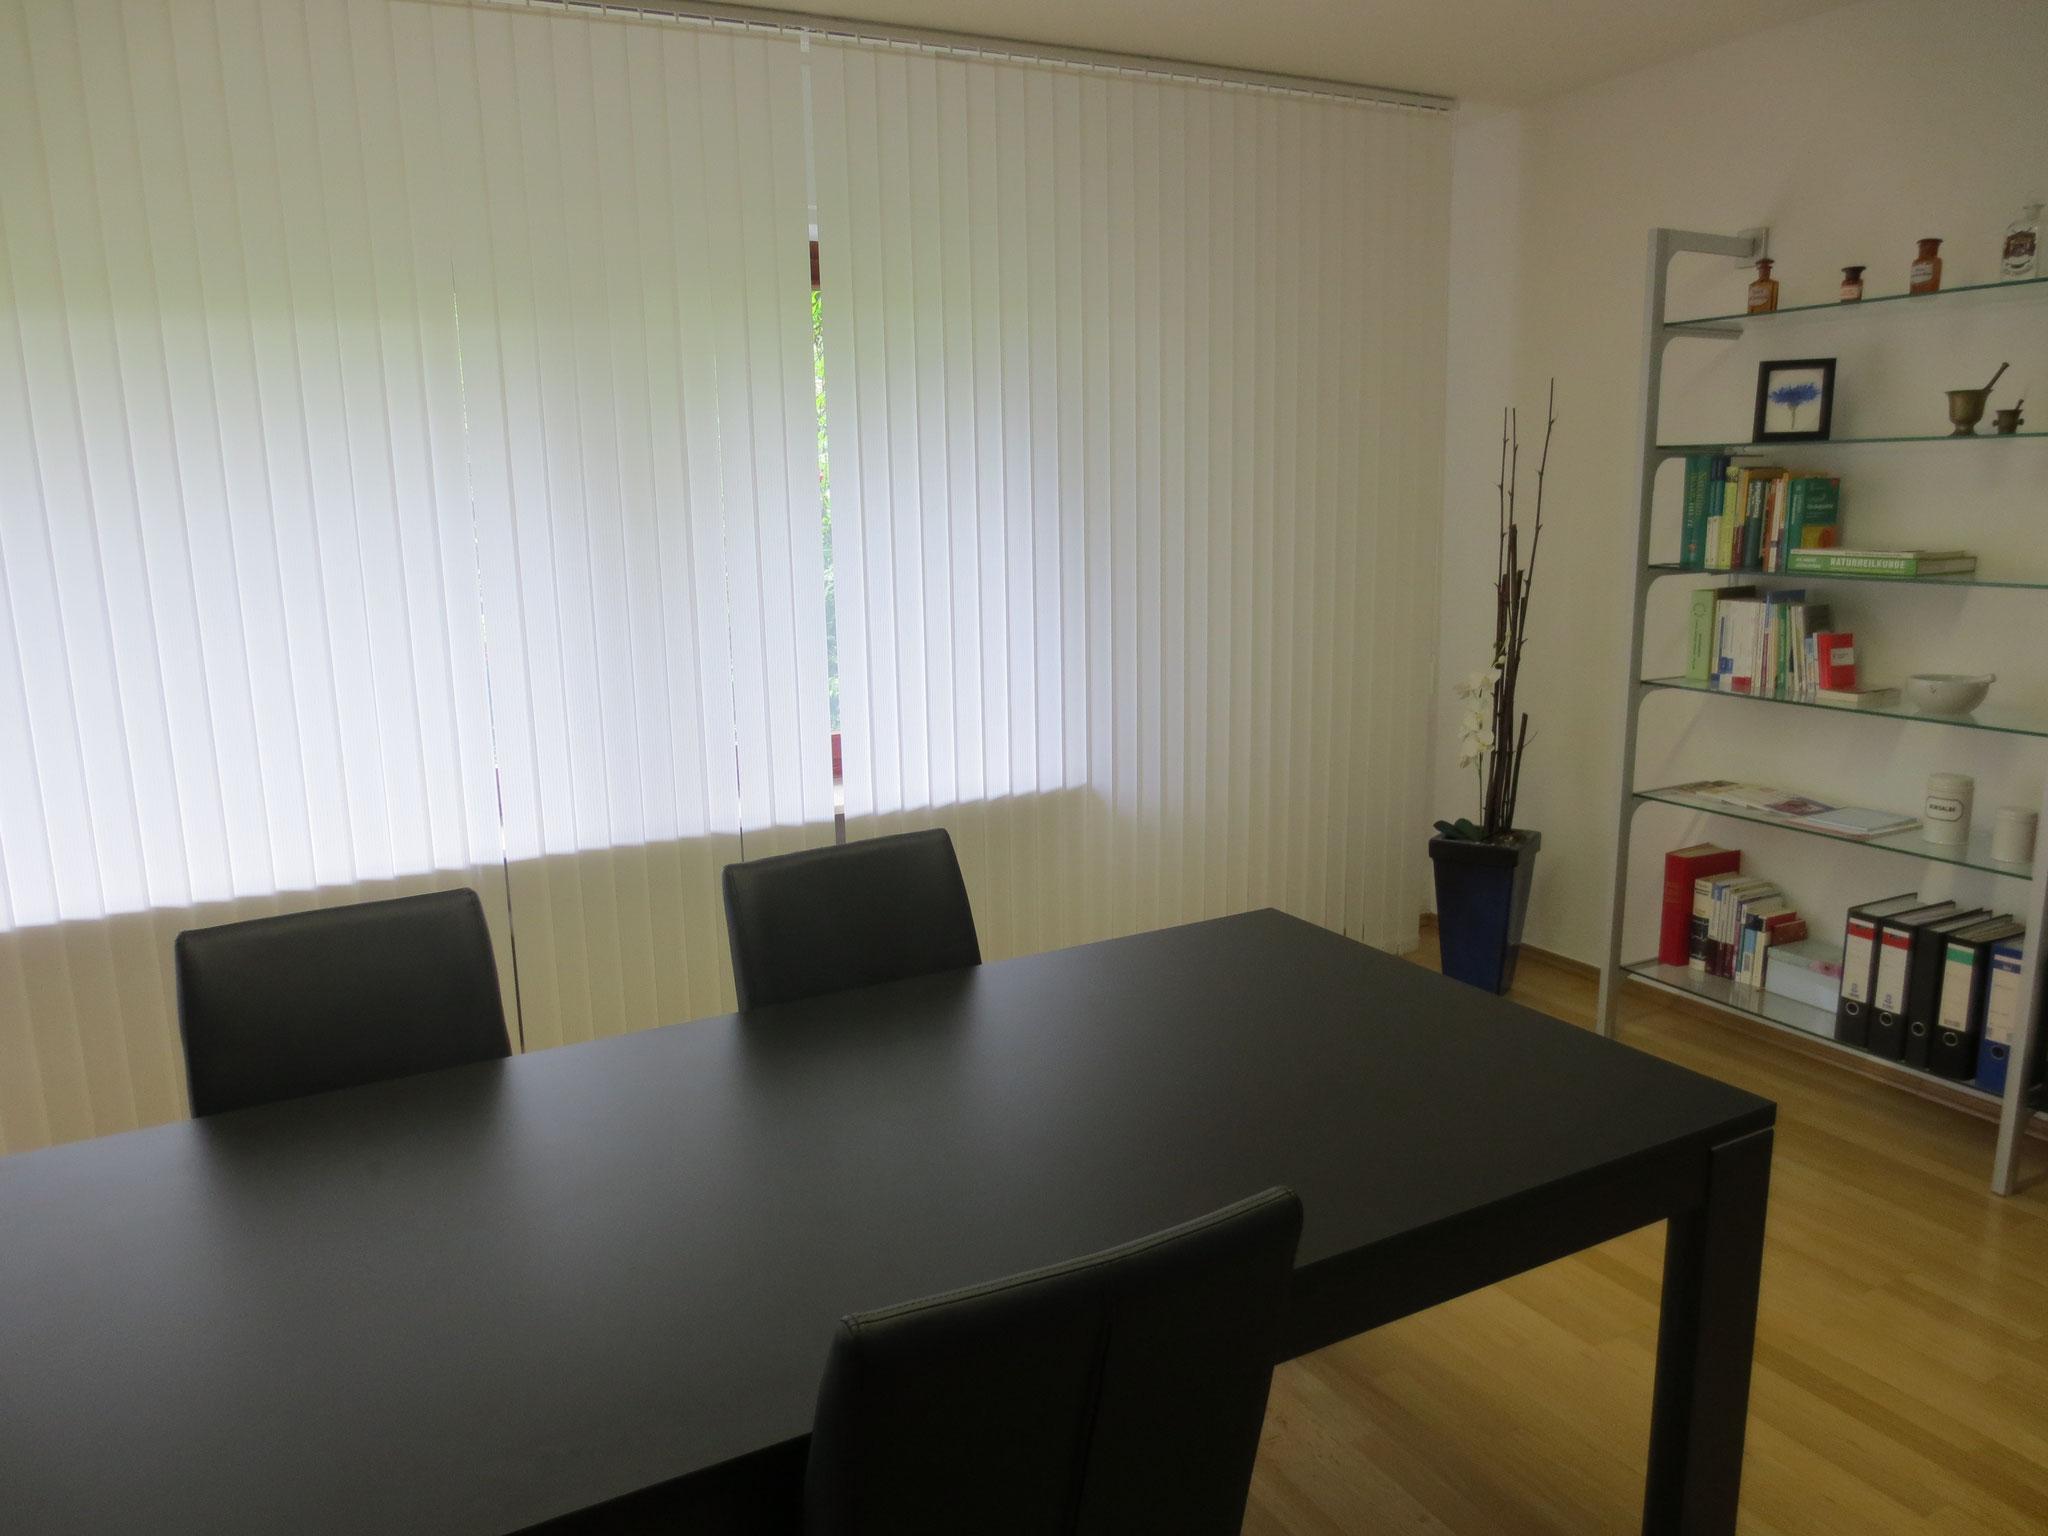 Besprechungs- und Seminarraum